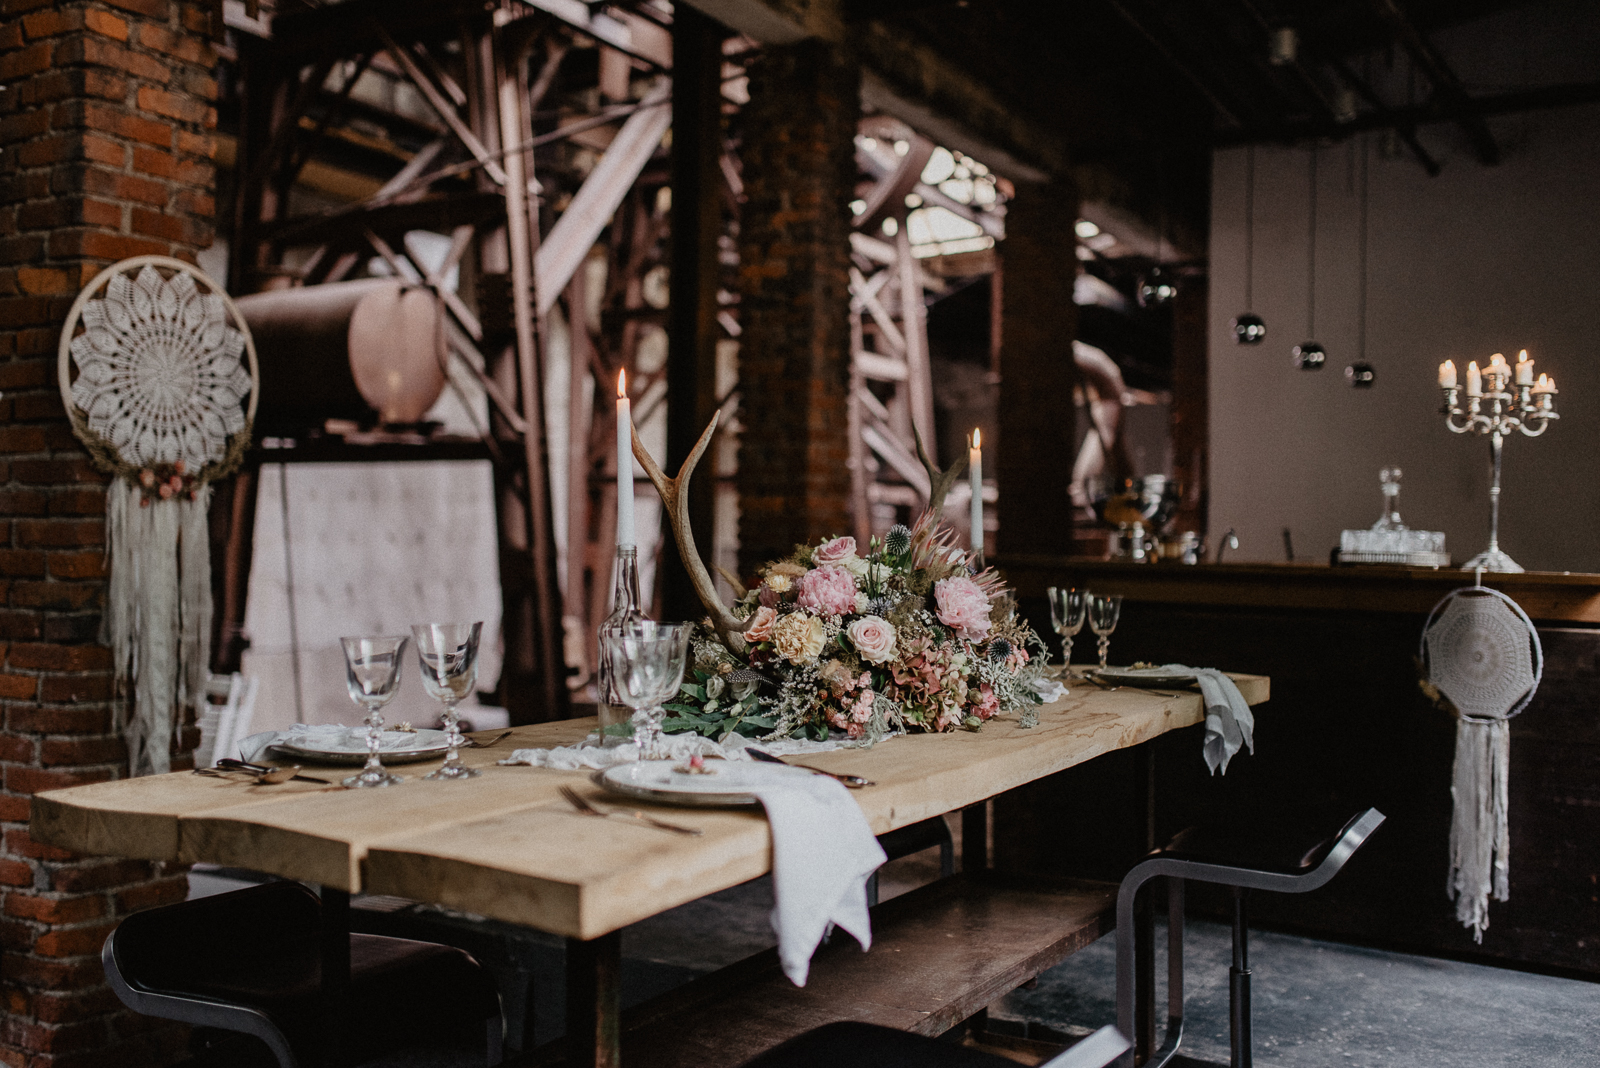 002-tischerie-floraldesign-floristik-tischdeko-hochzeit-hochzeitsdeko-bochum